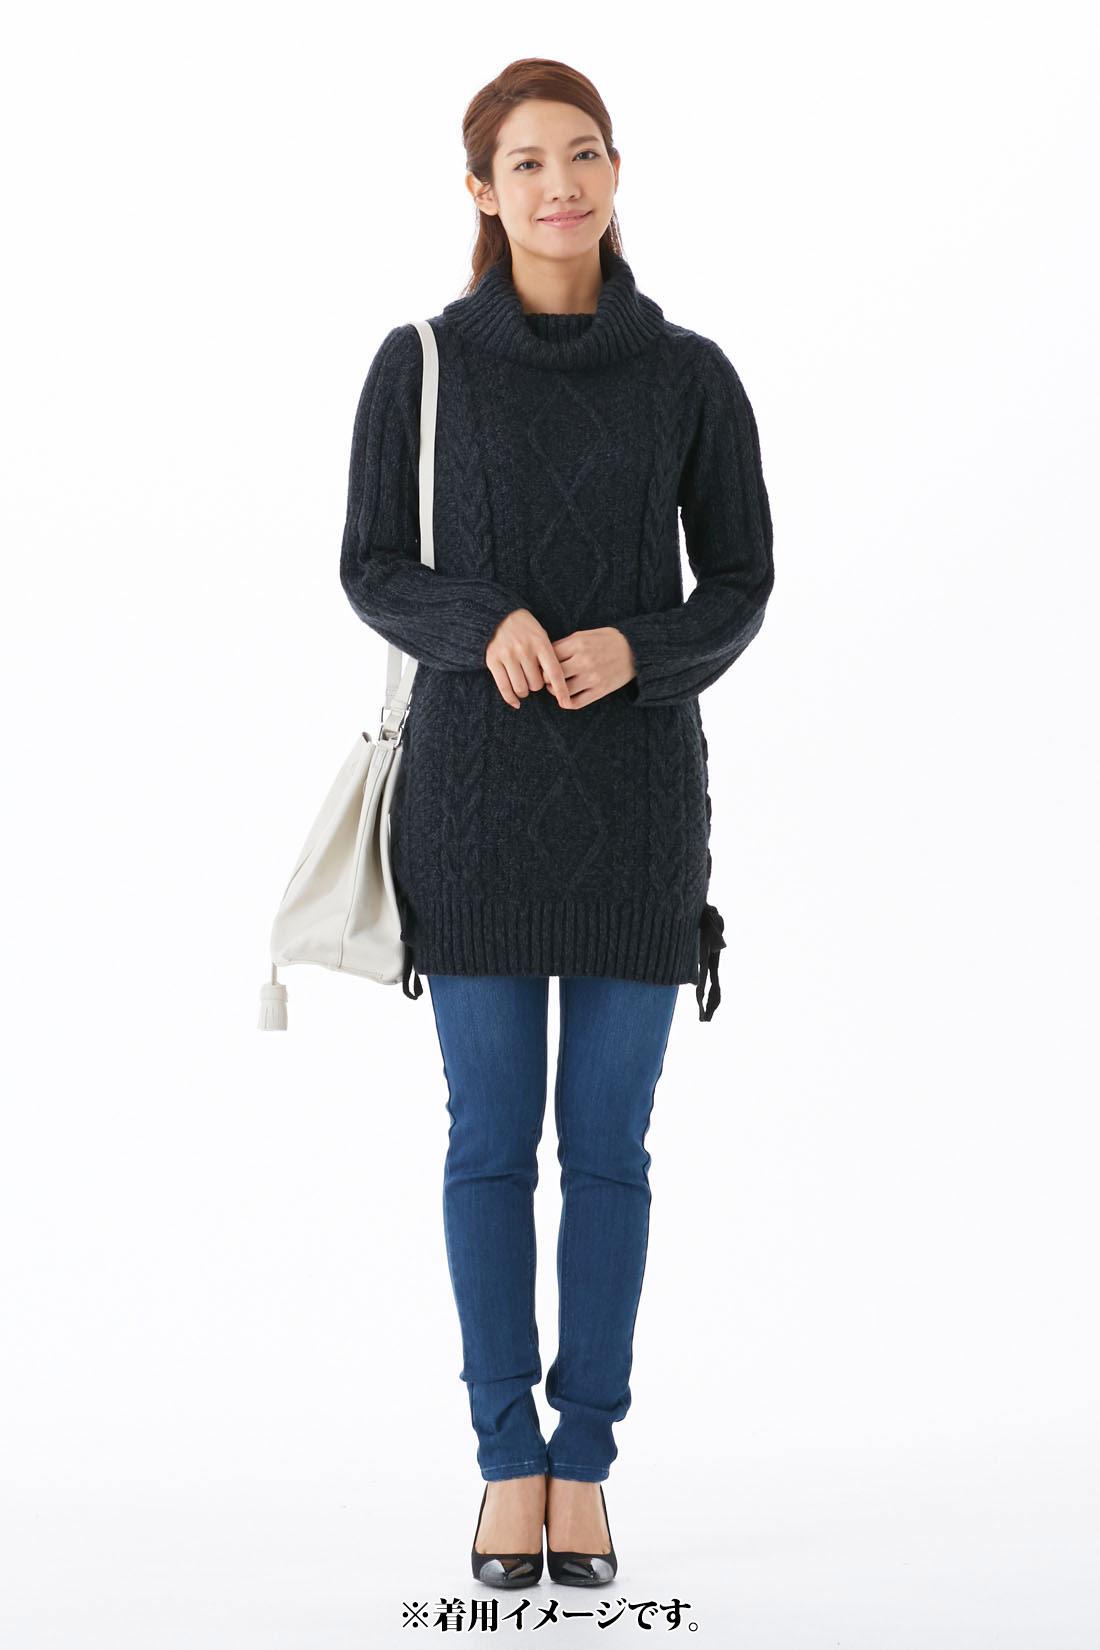 シックな【チャコールグレイ】 袖は、腕がほっそり見える太リブ編み。 サイドはニットリボンの編み上げでさりげなく華やかに。